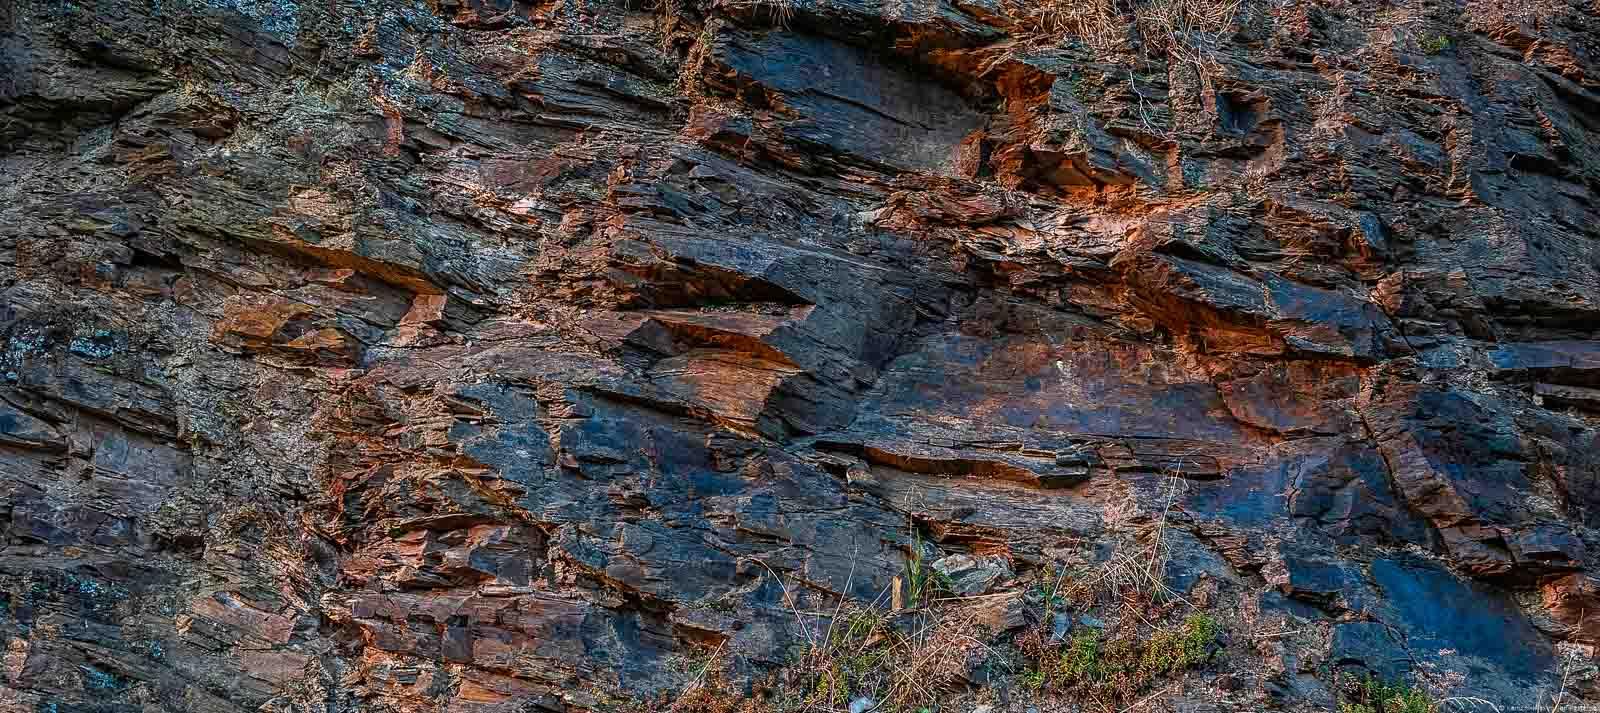 Schiefer am Weinberg Enkircher Steffensberg in grauer, blauer und roter Farbe am Abend